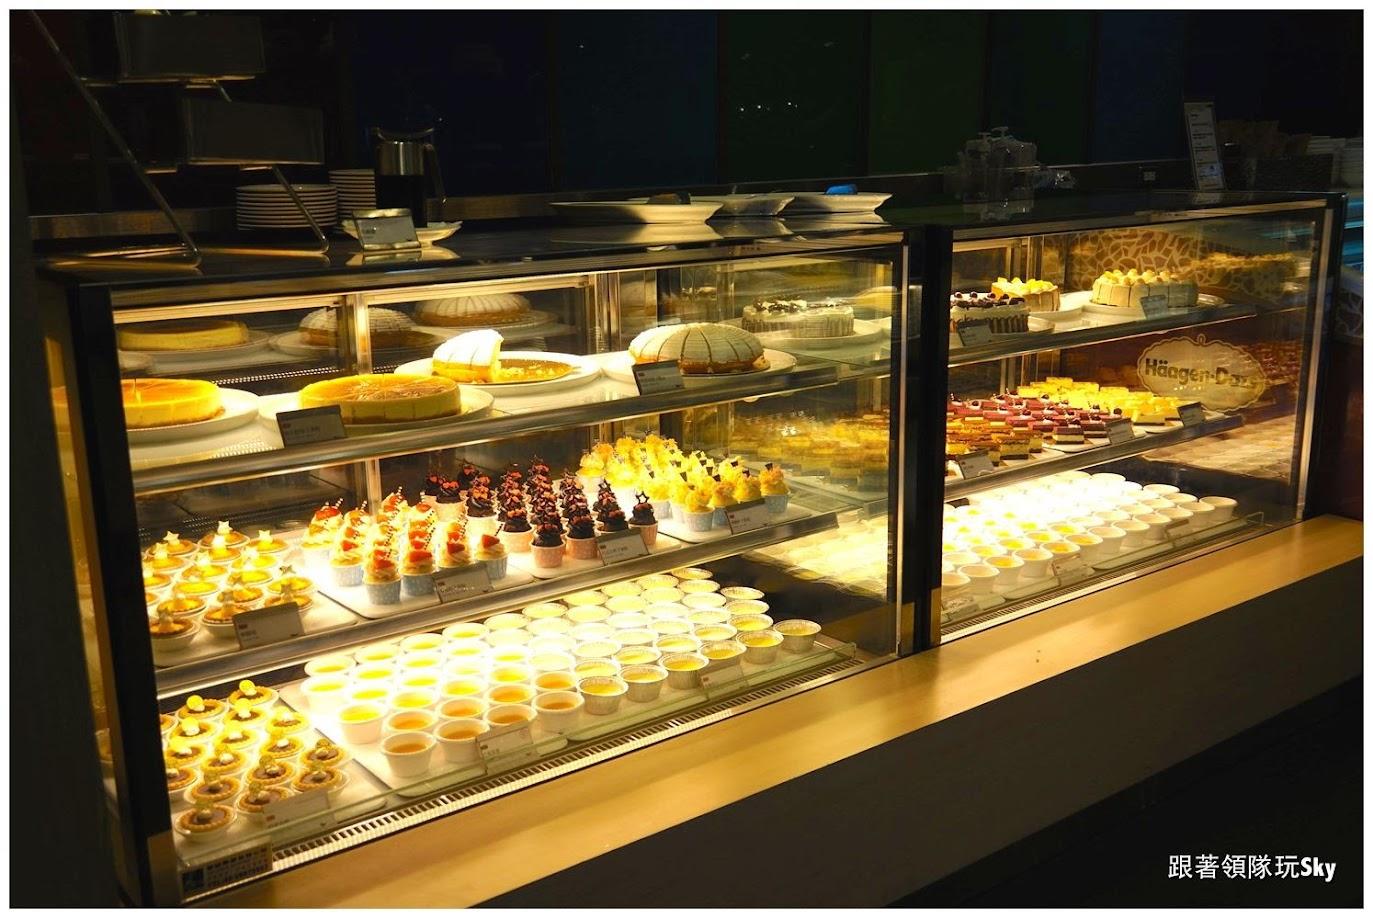 臺北美食推薦-內湖精緻的 吃到飽餐廳 【饗食天堂】